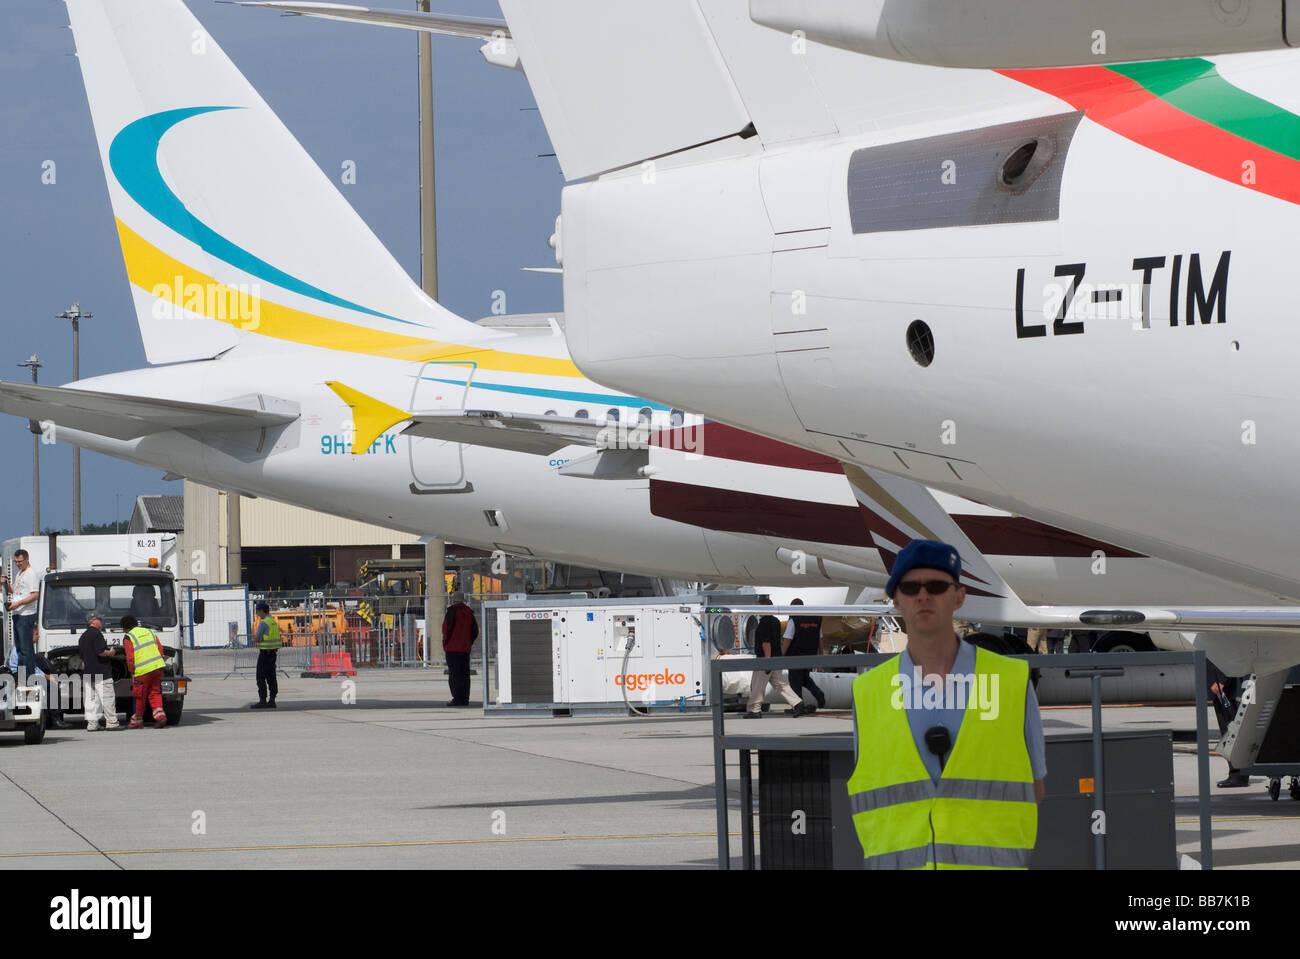 Les Jets d'affaires au Salon EBACE avion à l'aéroport de Genève Suisse Geneve Suisse Banque D'Images